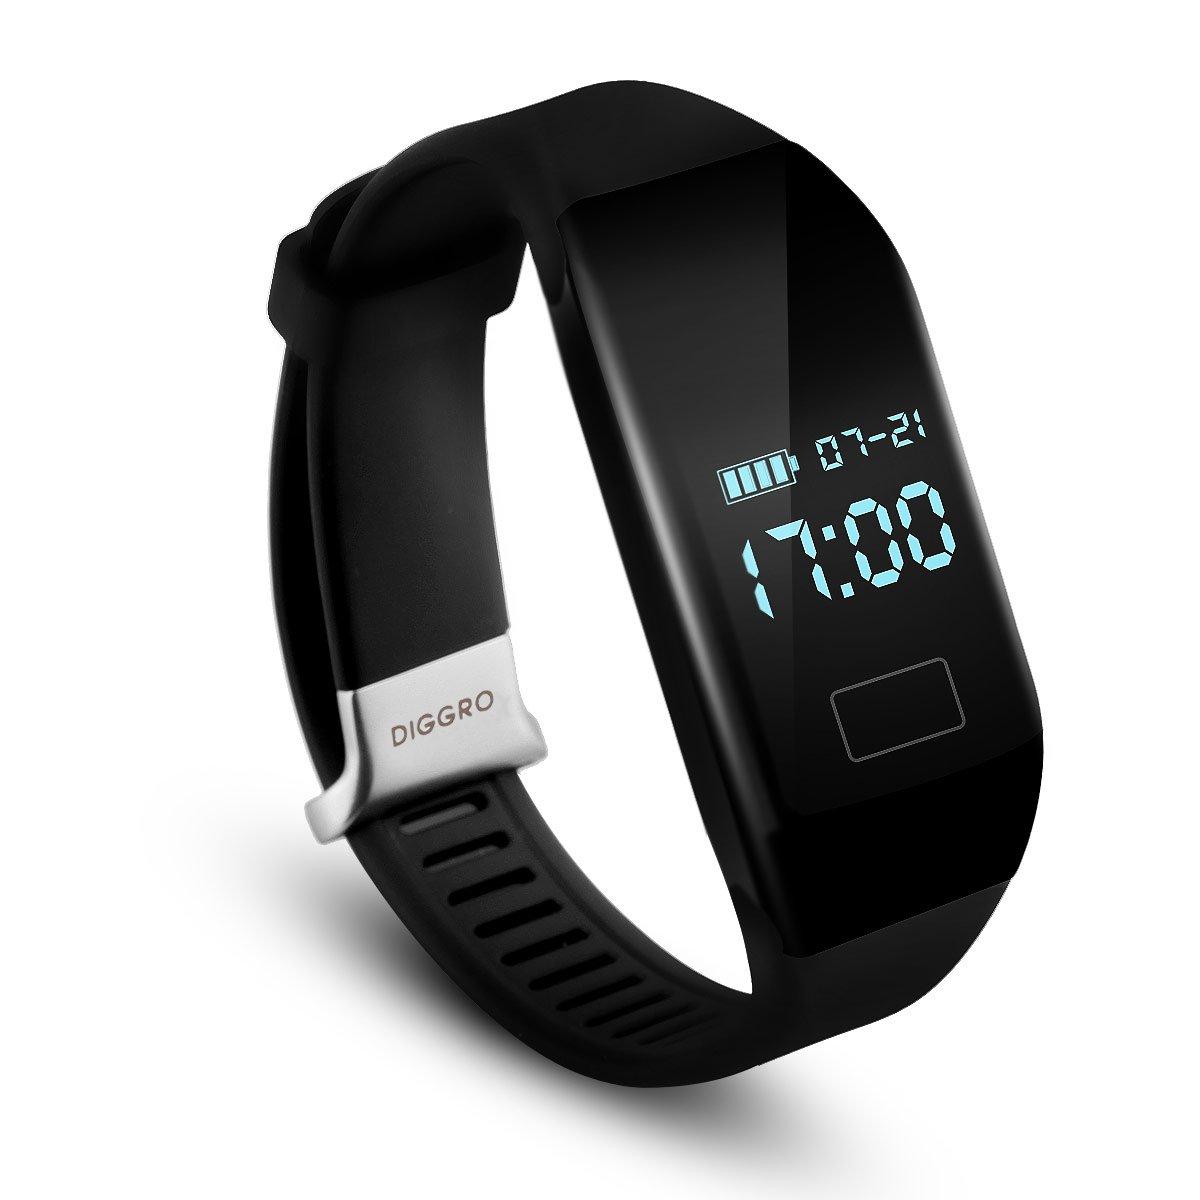 Diggro H3 - Ajustable Smartwatch Pulsera de Actividad (Impermeable IP65, OLED, Bluetooth 4.0, Podómetro, Ritmo Cardíaco, Calorias, Monitor de Sueño, ...